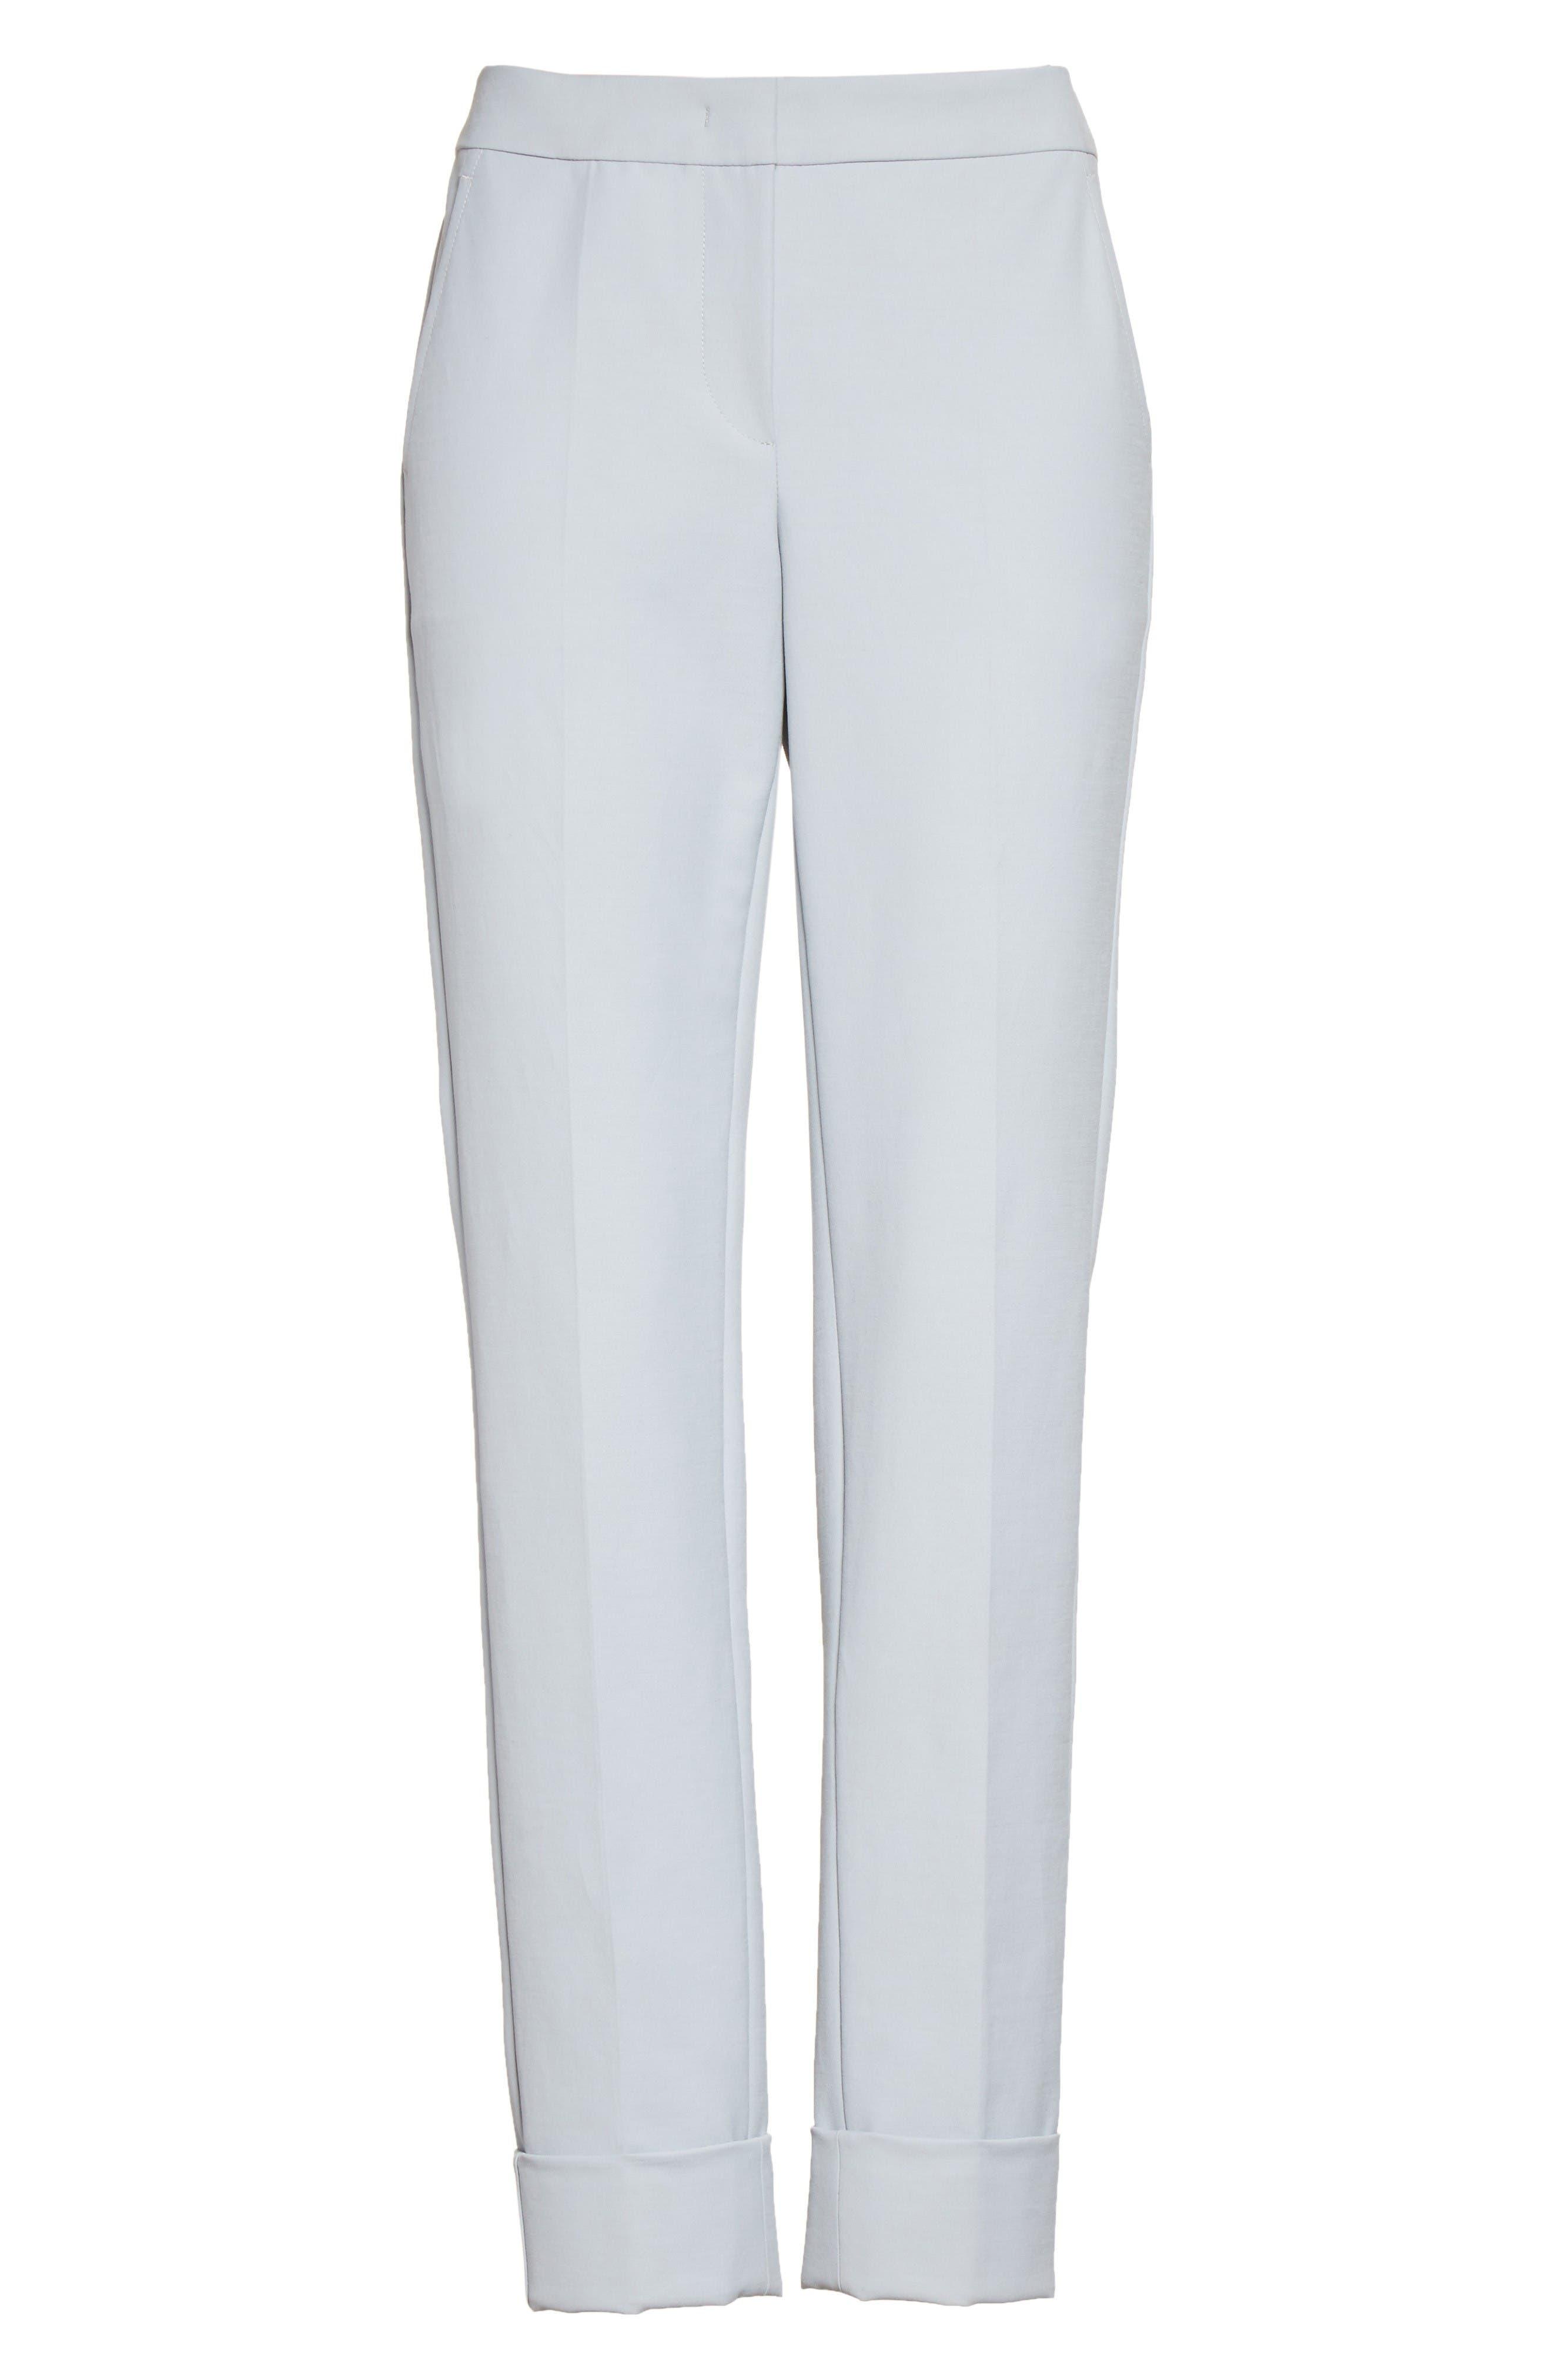 Armani Collezion Tech Cotton Cuff Pants,                             Alternate thumbnail 4, color,                             Cloud